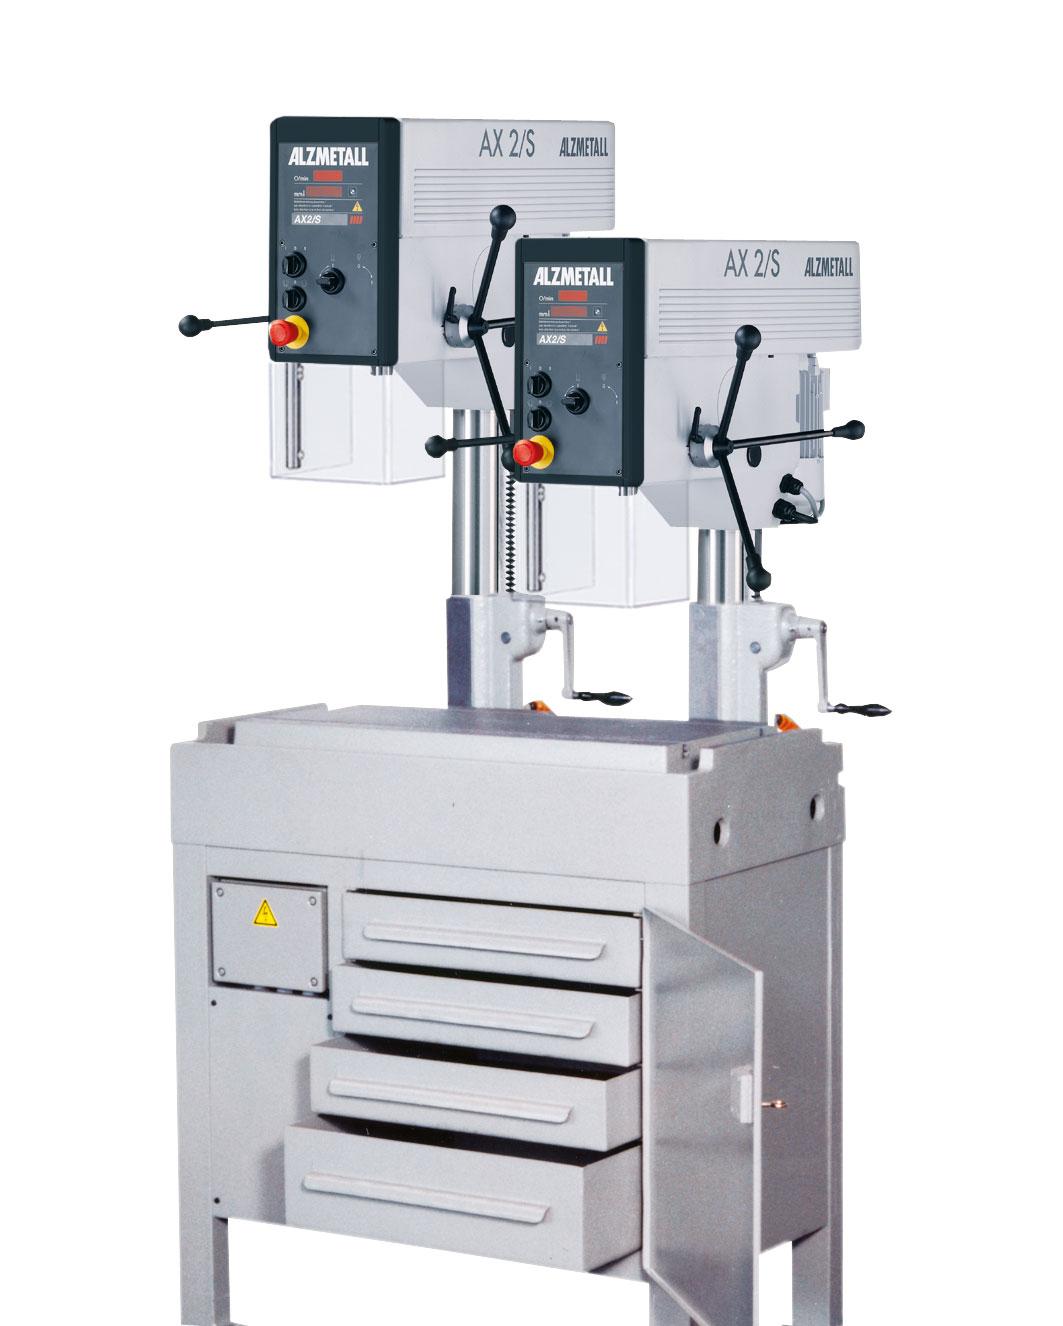 Bild der Alzmetall RFT 2 Reihenbohrmaschine